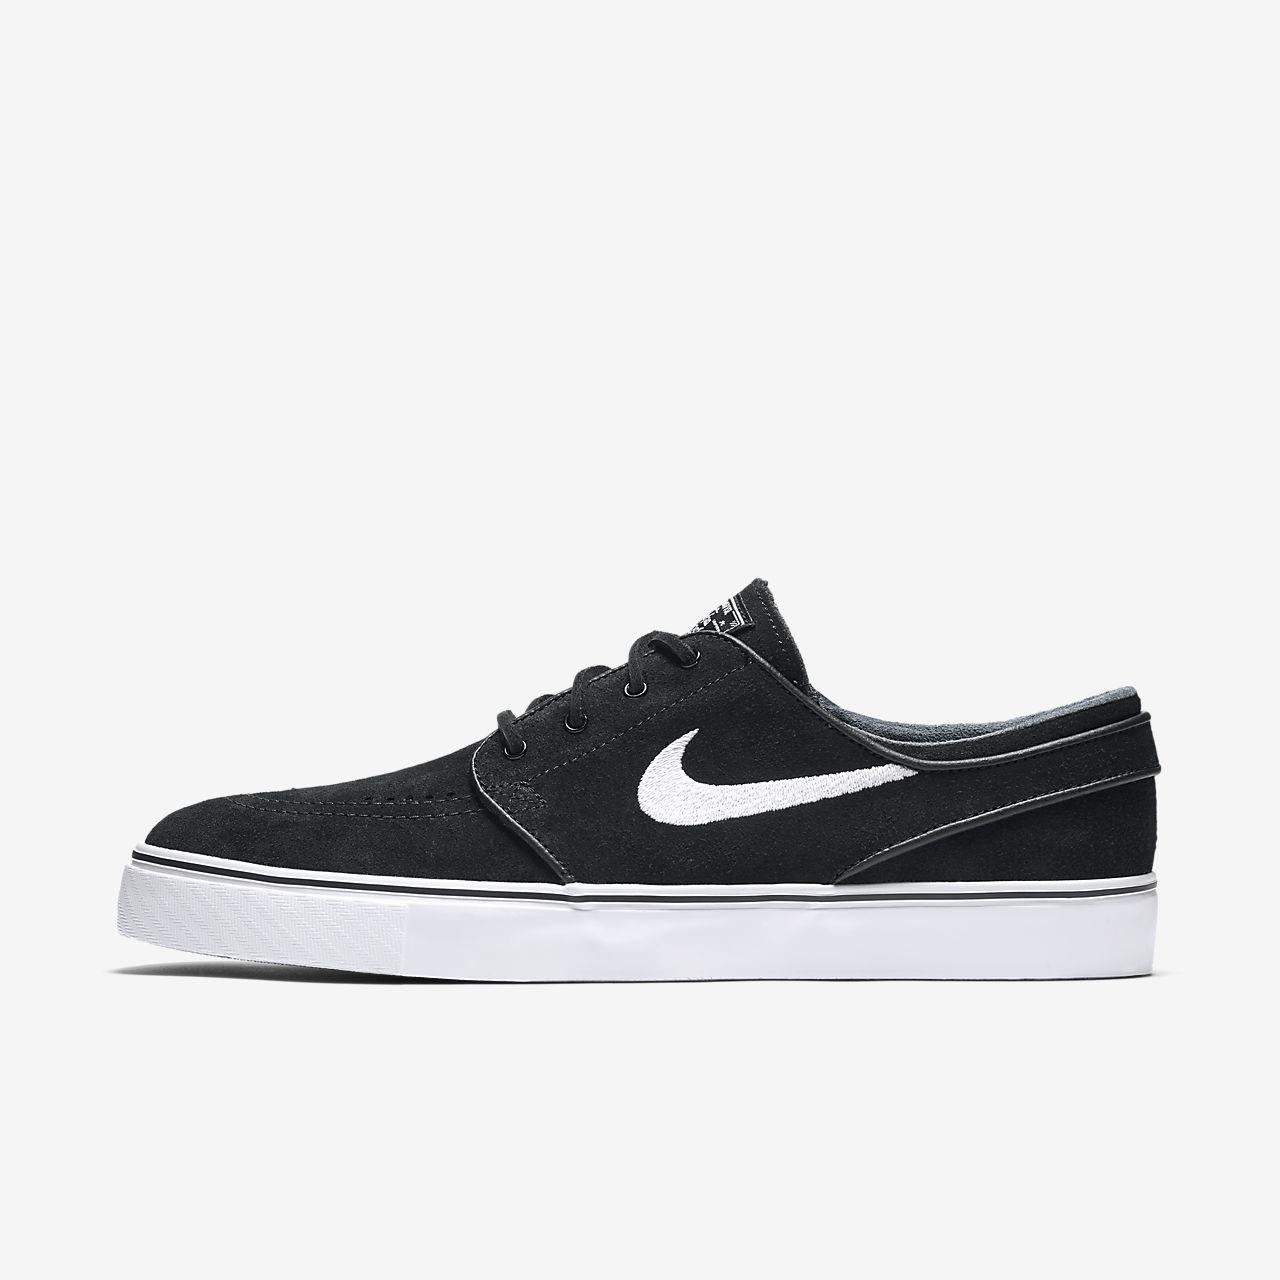 Nike SB Zoom Stefan Janoski OG Erkek Kaykay Ayakkabısı